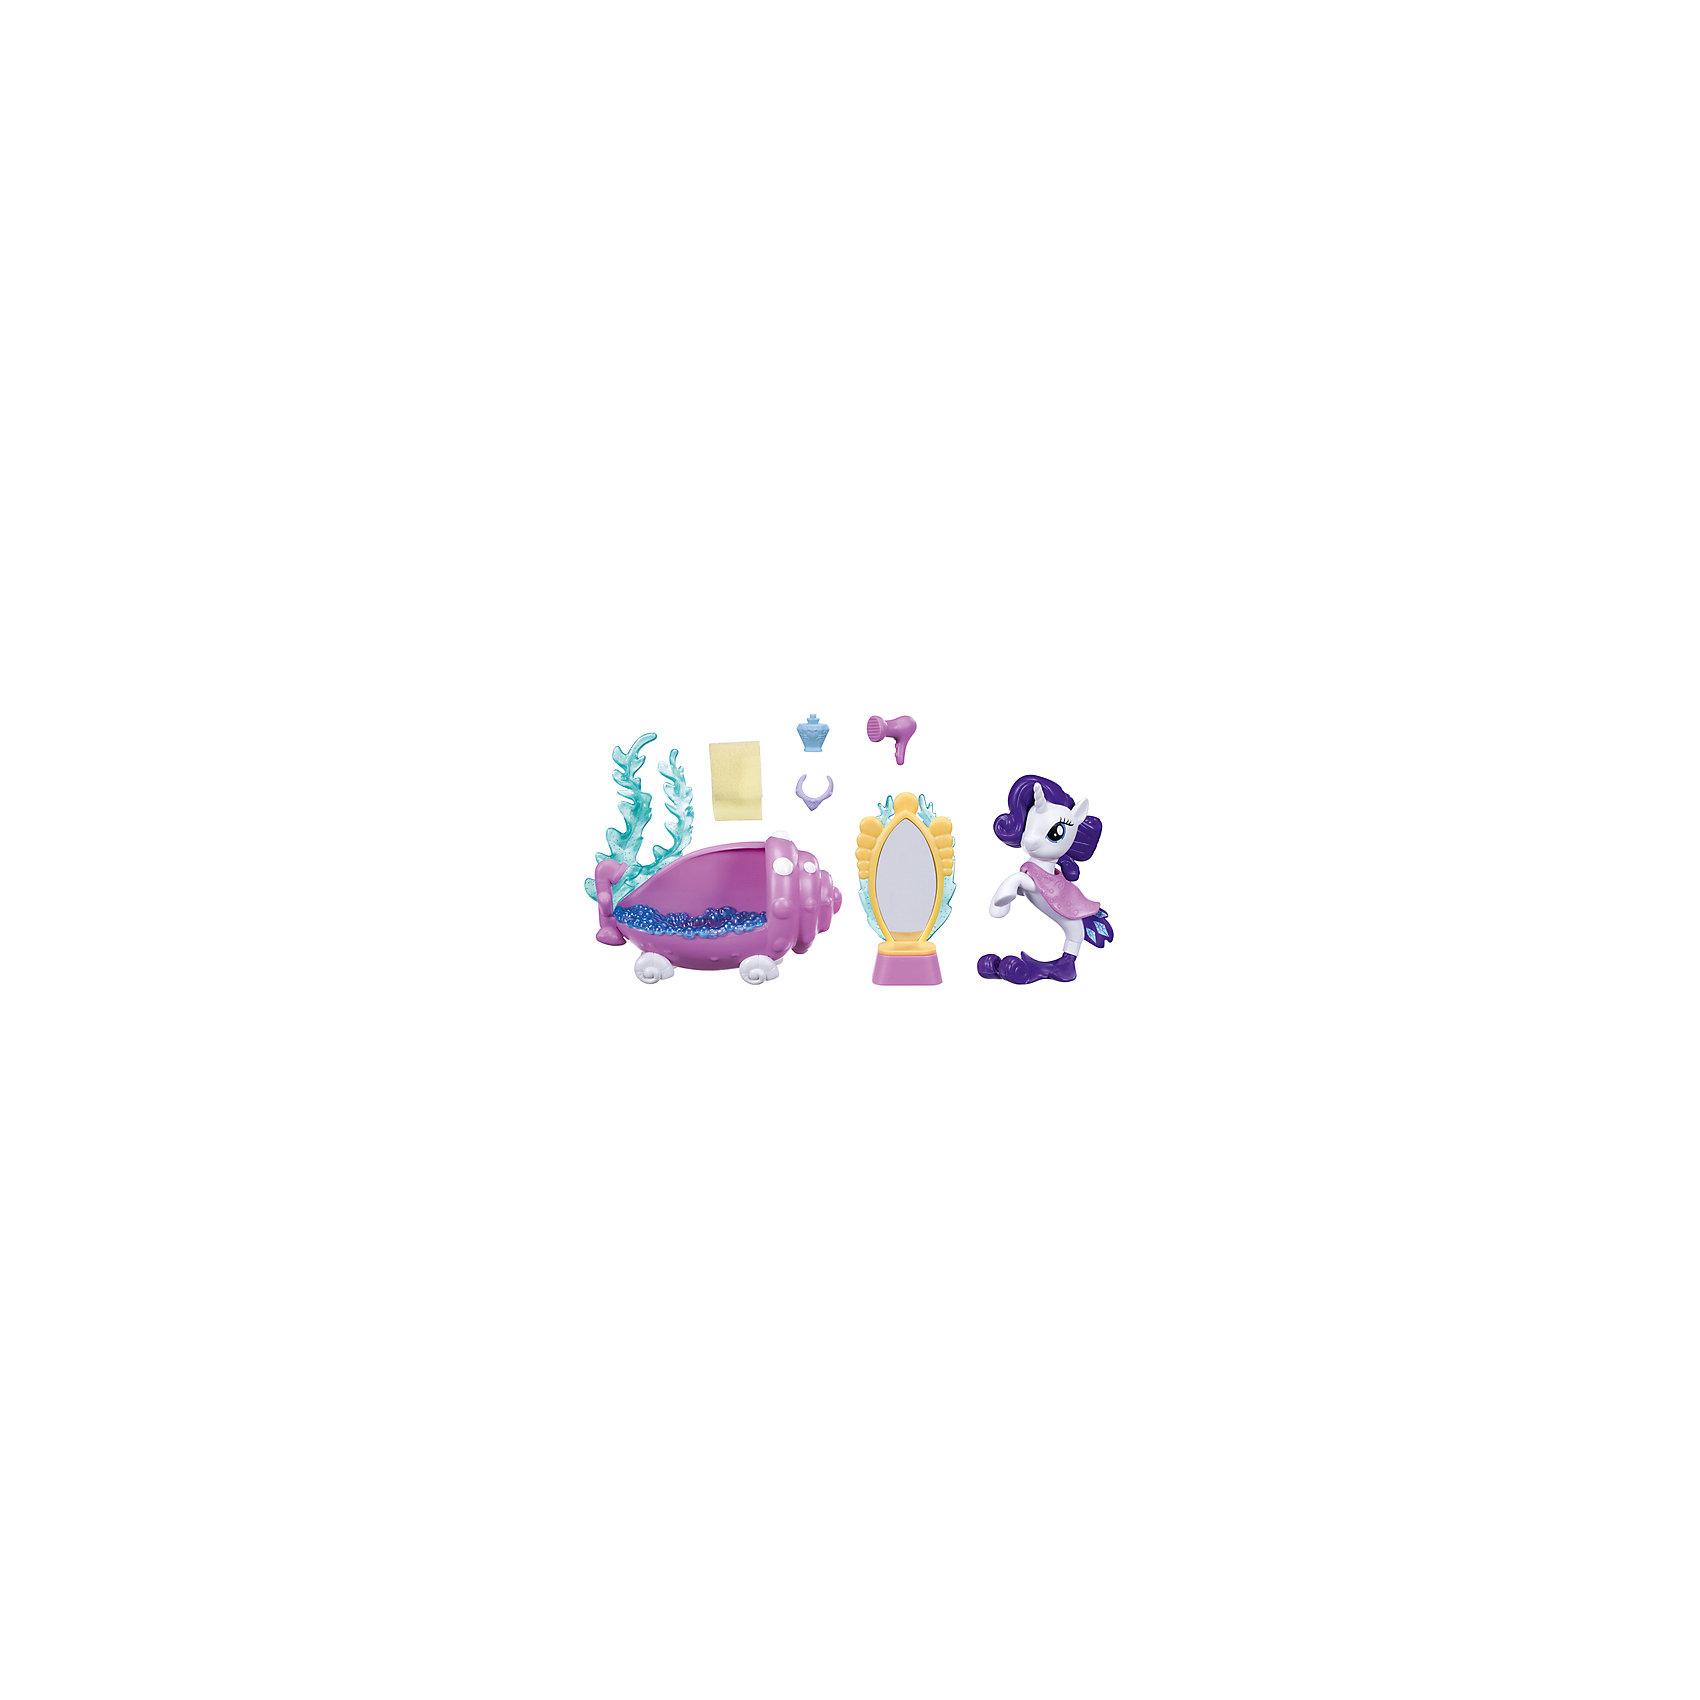 Игровой набор Hasbro My Little Pony Мерцание, РаритиЛюбимые герои<br><br><br>Ширина мм: 9999<br>Глубина мм: 9999<br>Высота мм: 9999<br>Вес г: 9999<br>Возраст от месяцев: 36<br>Возраст до месяцев: 120<br>Пол: Женский<br>Возраст: Детский<br>SKU: 7097982